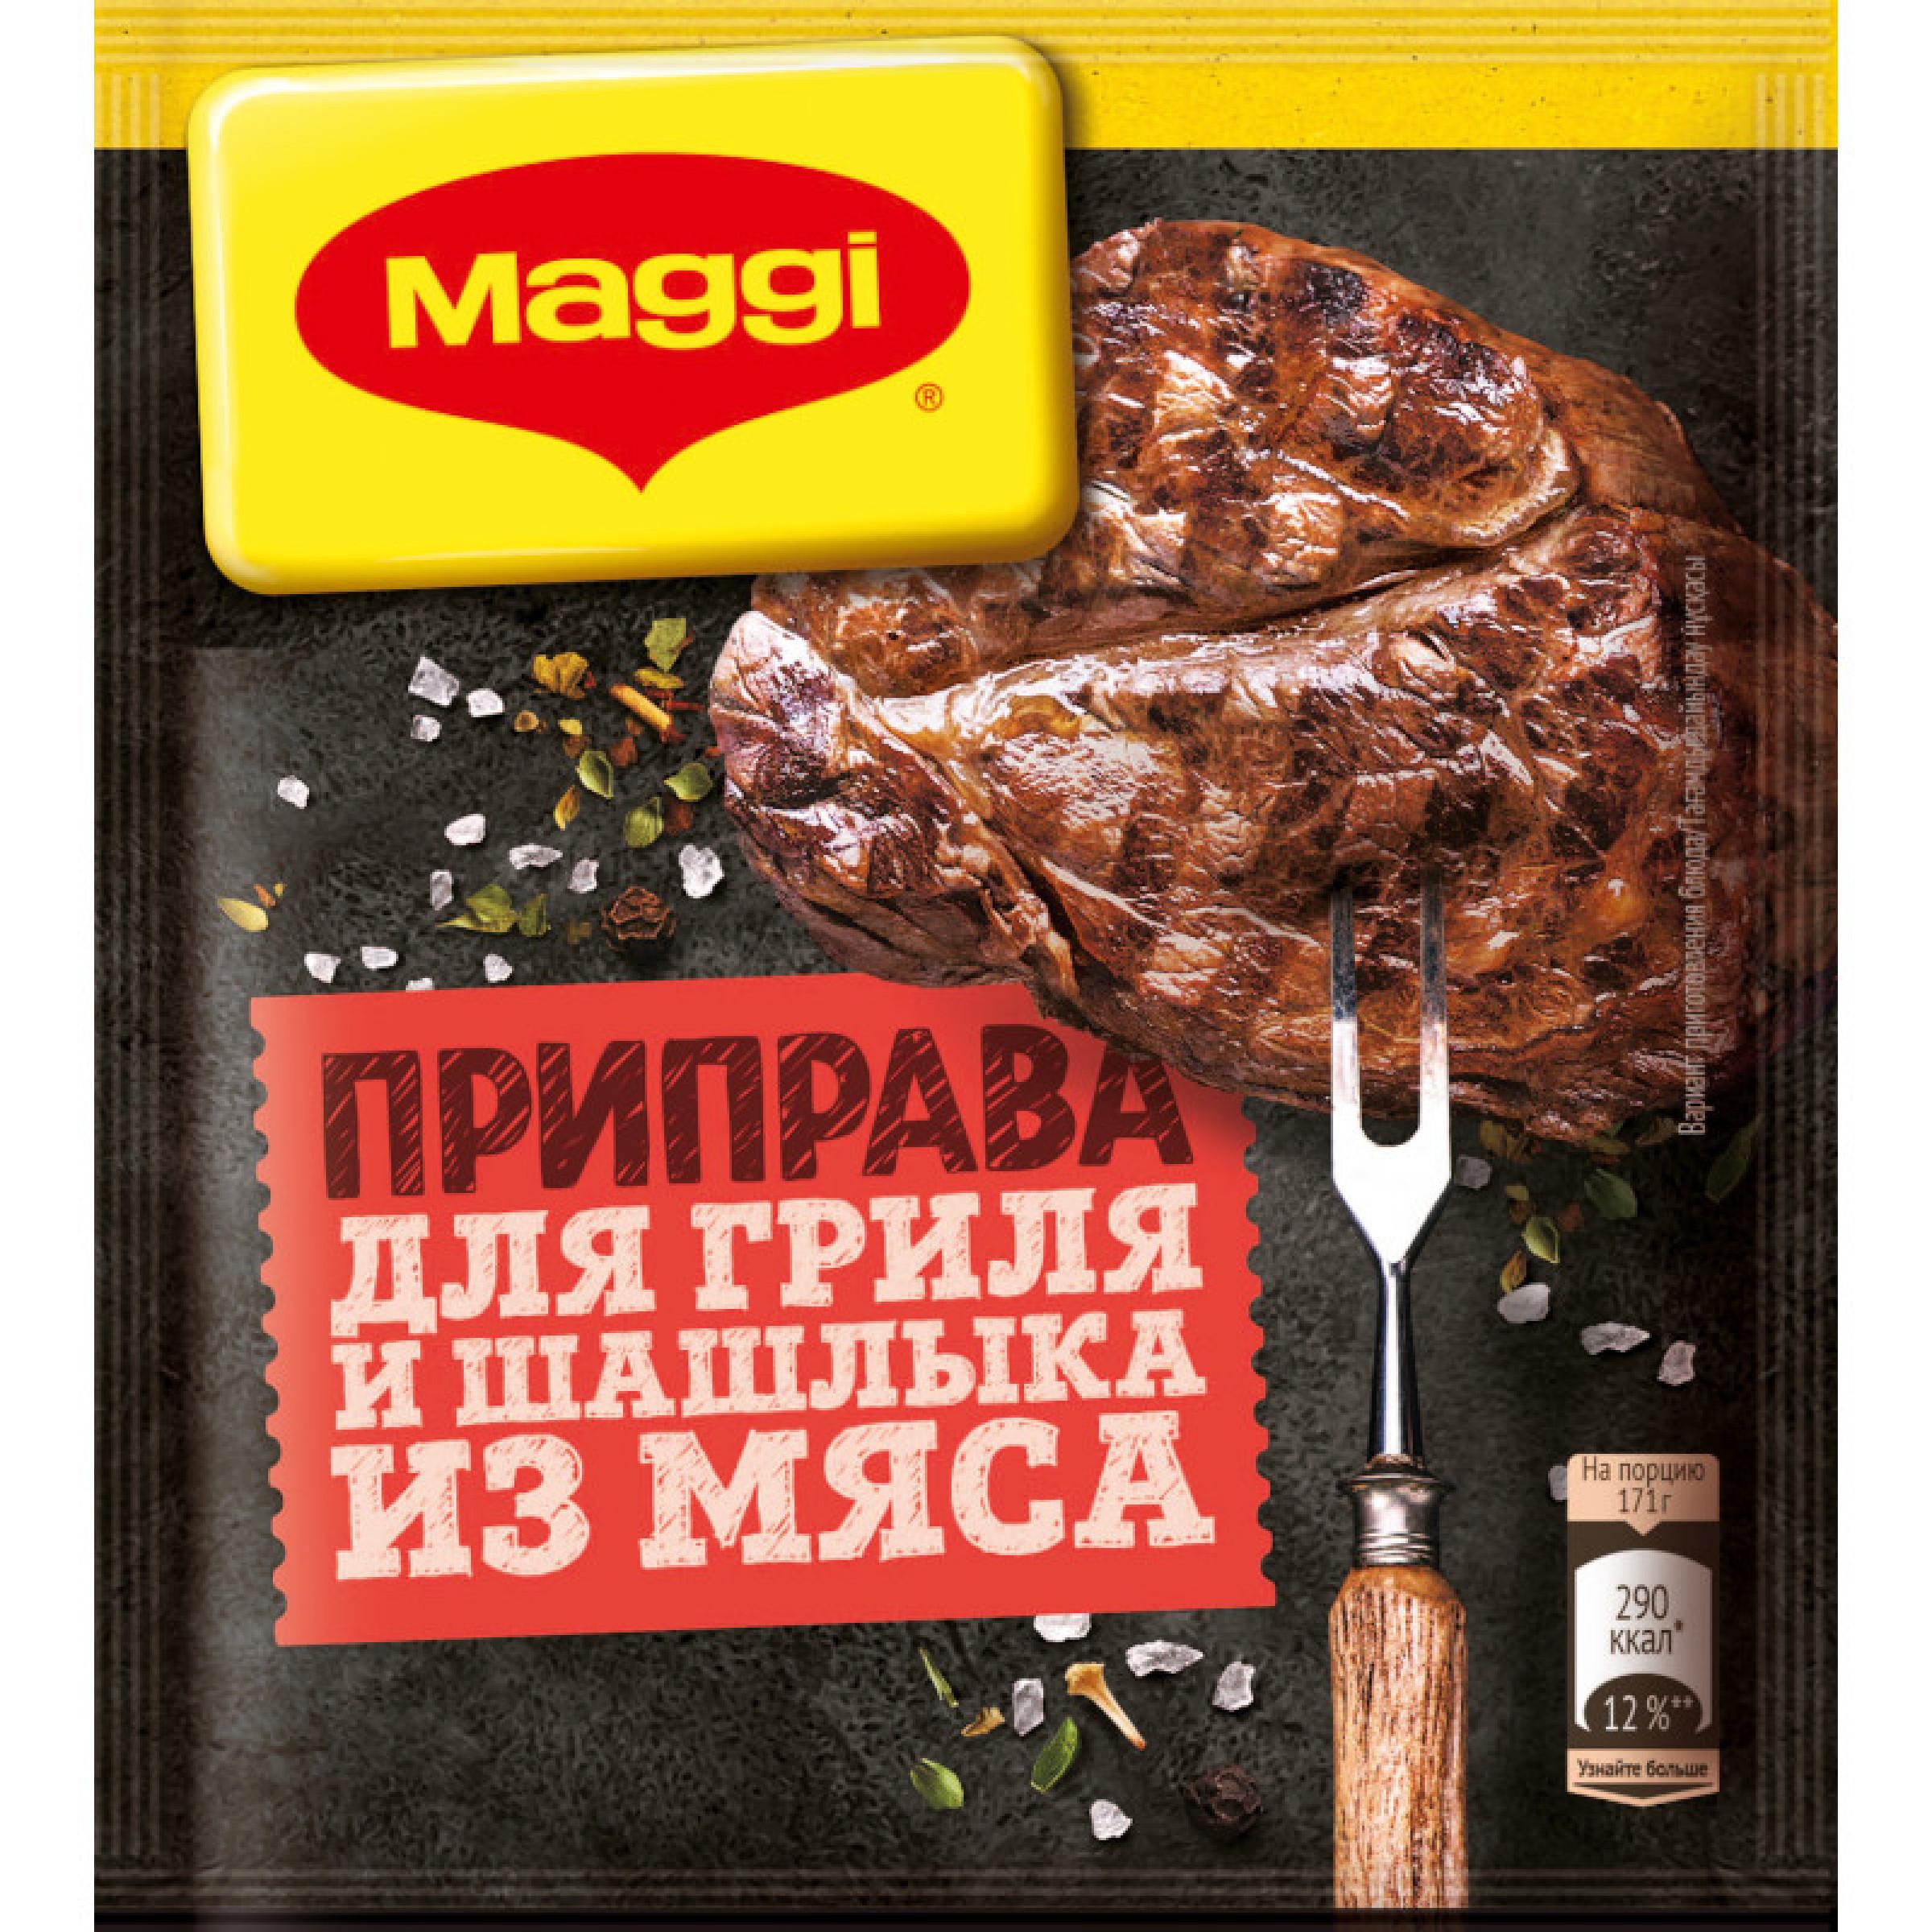 MAGGI® Приправа для гриля и шашлыка из мяса, 23гр